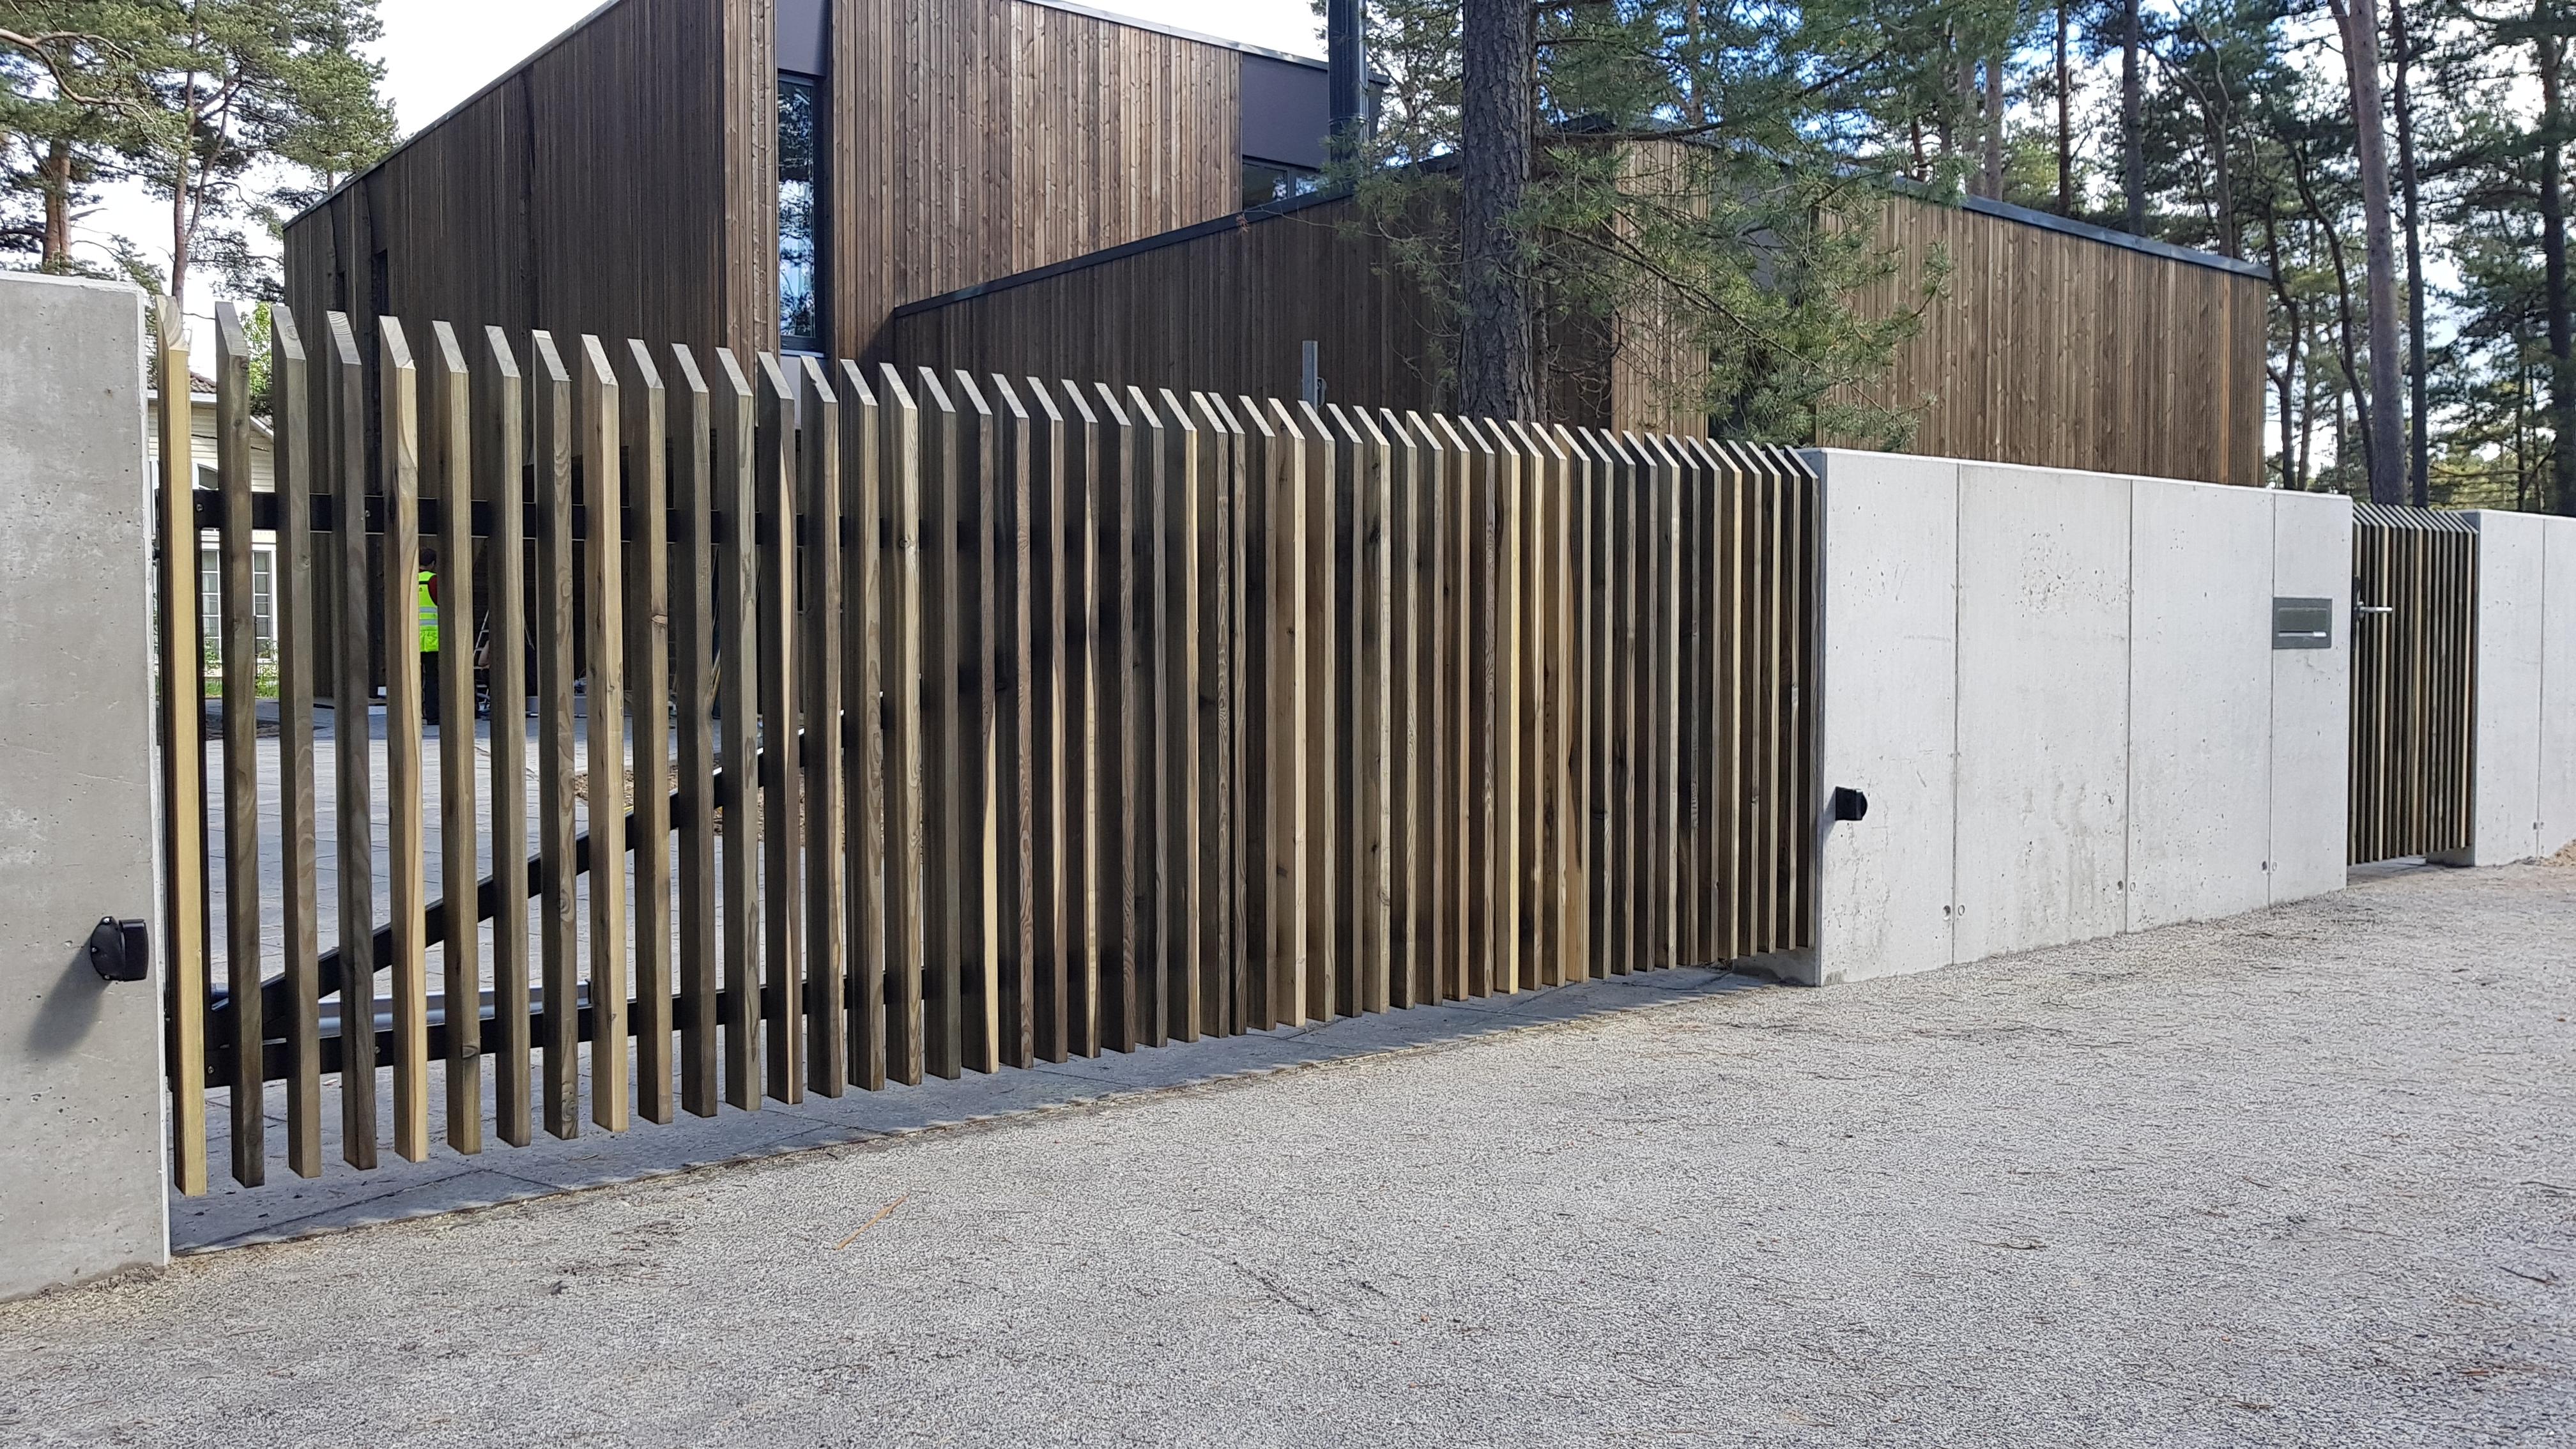 Lehisest piirdeaed, lehisest aed, lehisest aialipid, lehisest väravad